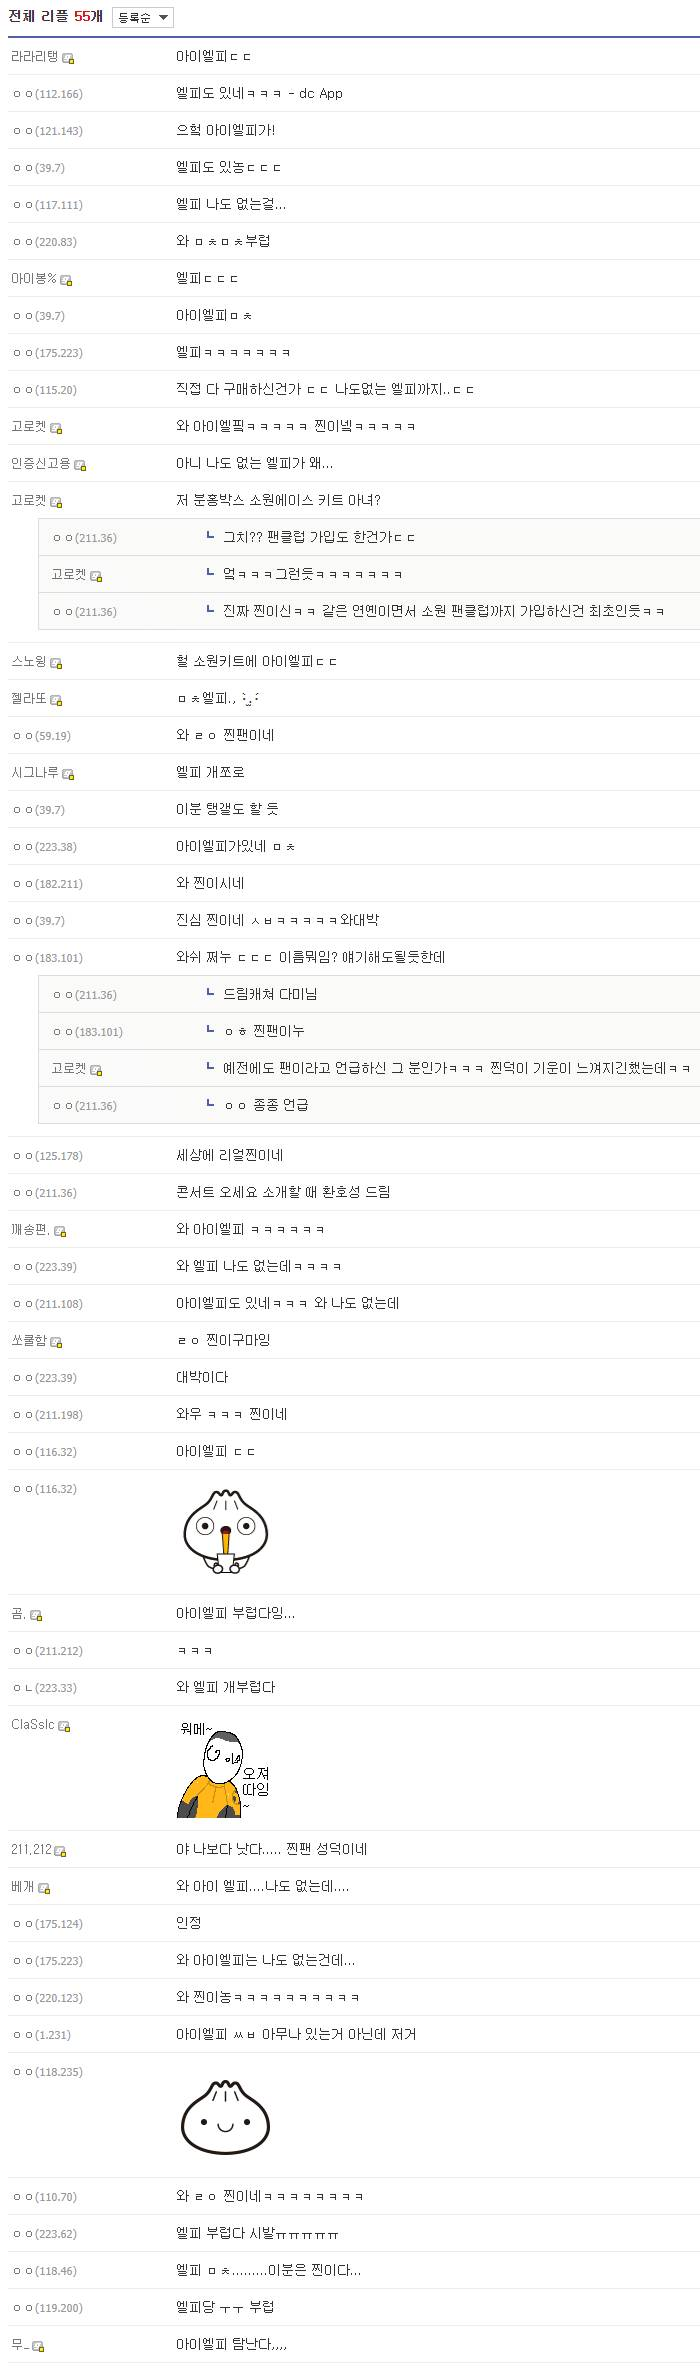 어제자 태연 찐팬들 부러움 산 현직 아이돌.jpg | 인스티즈